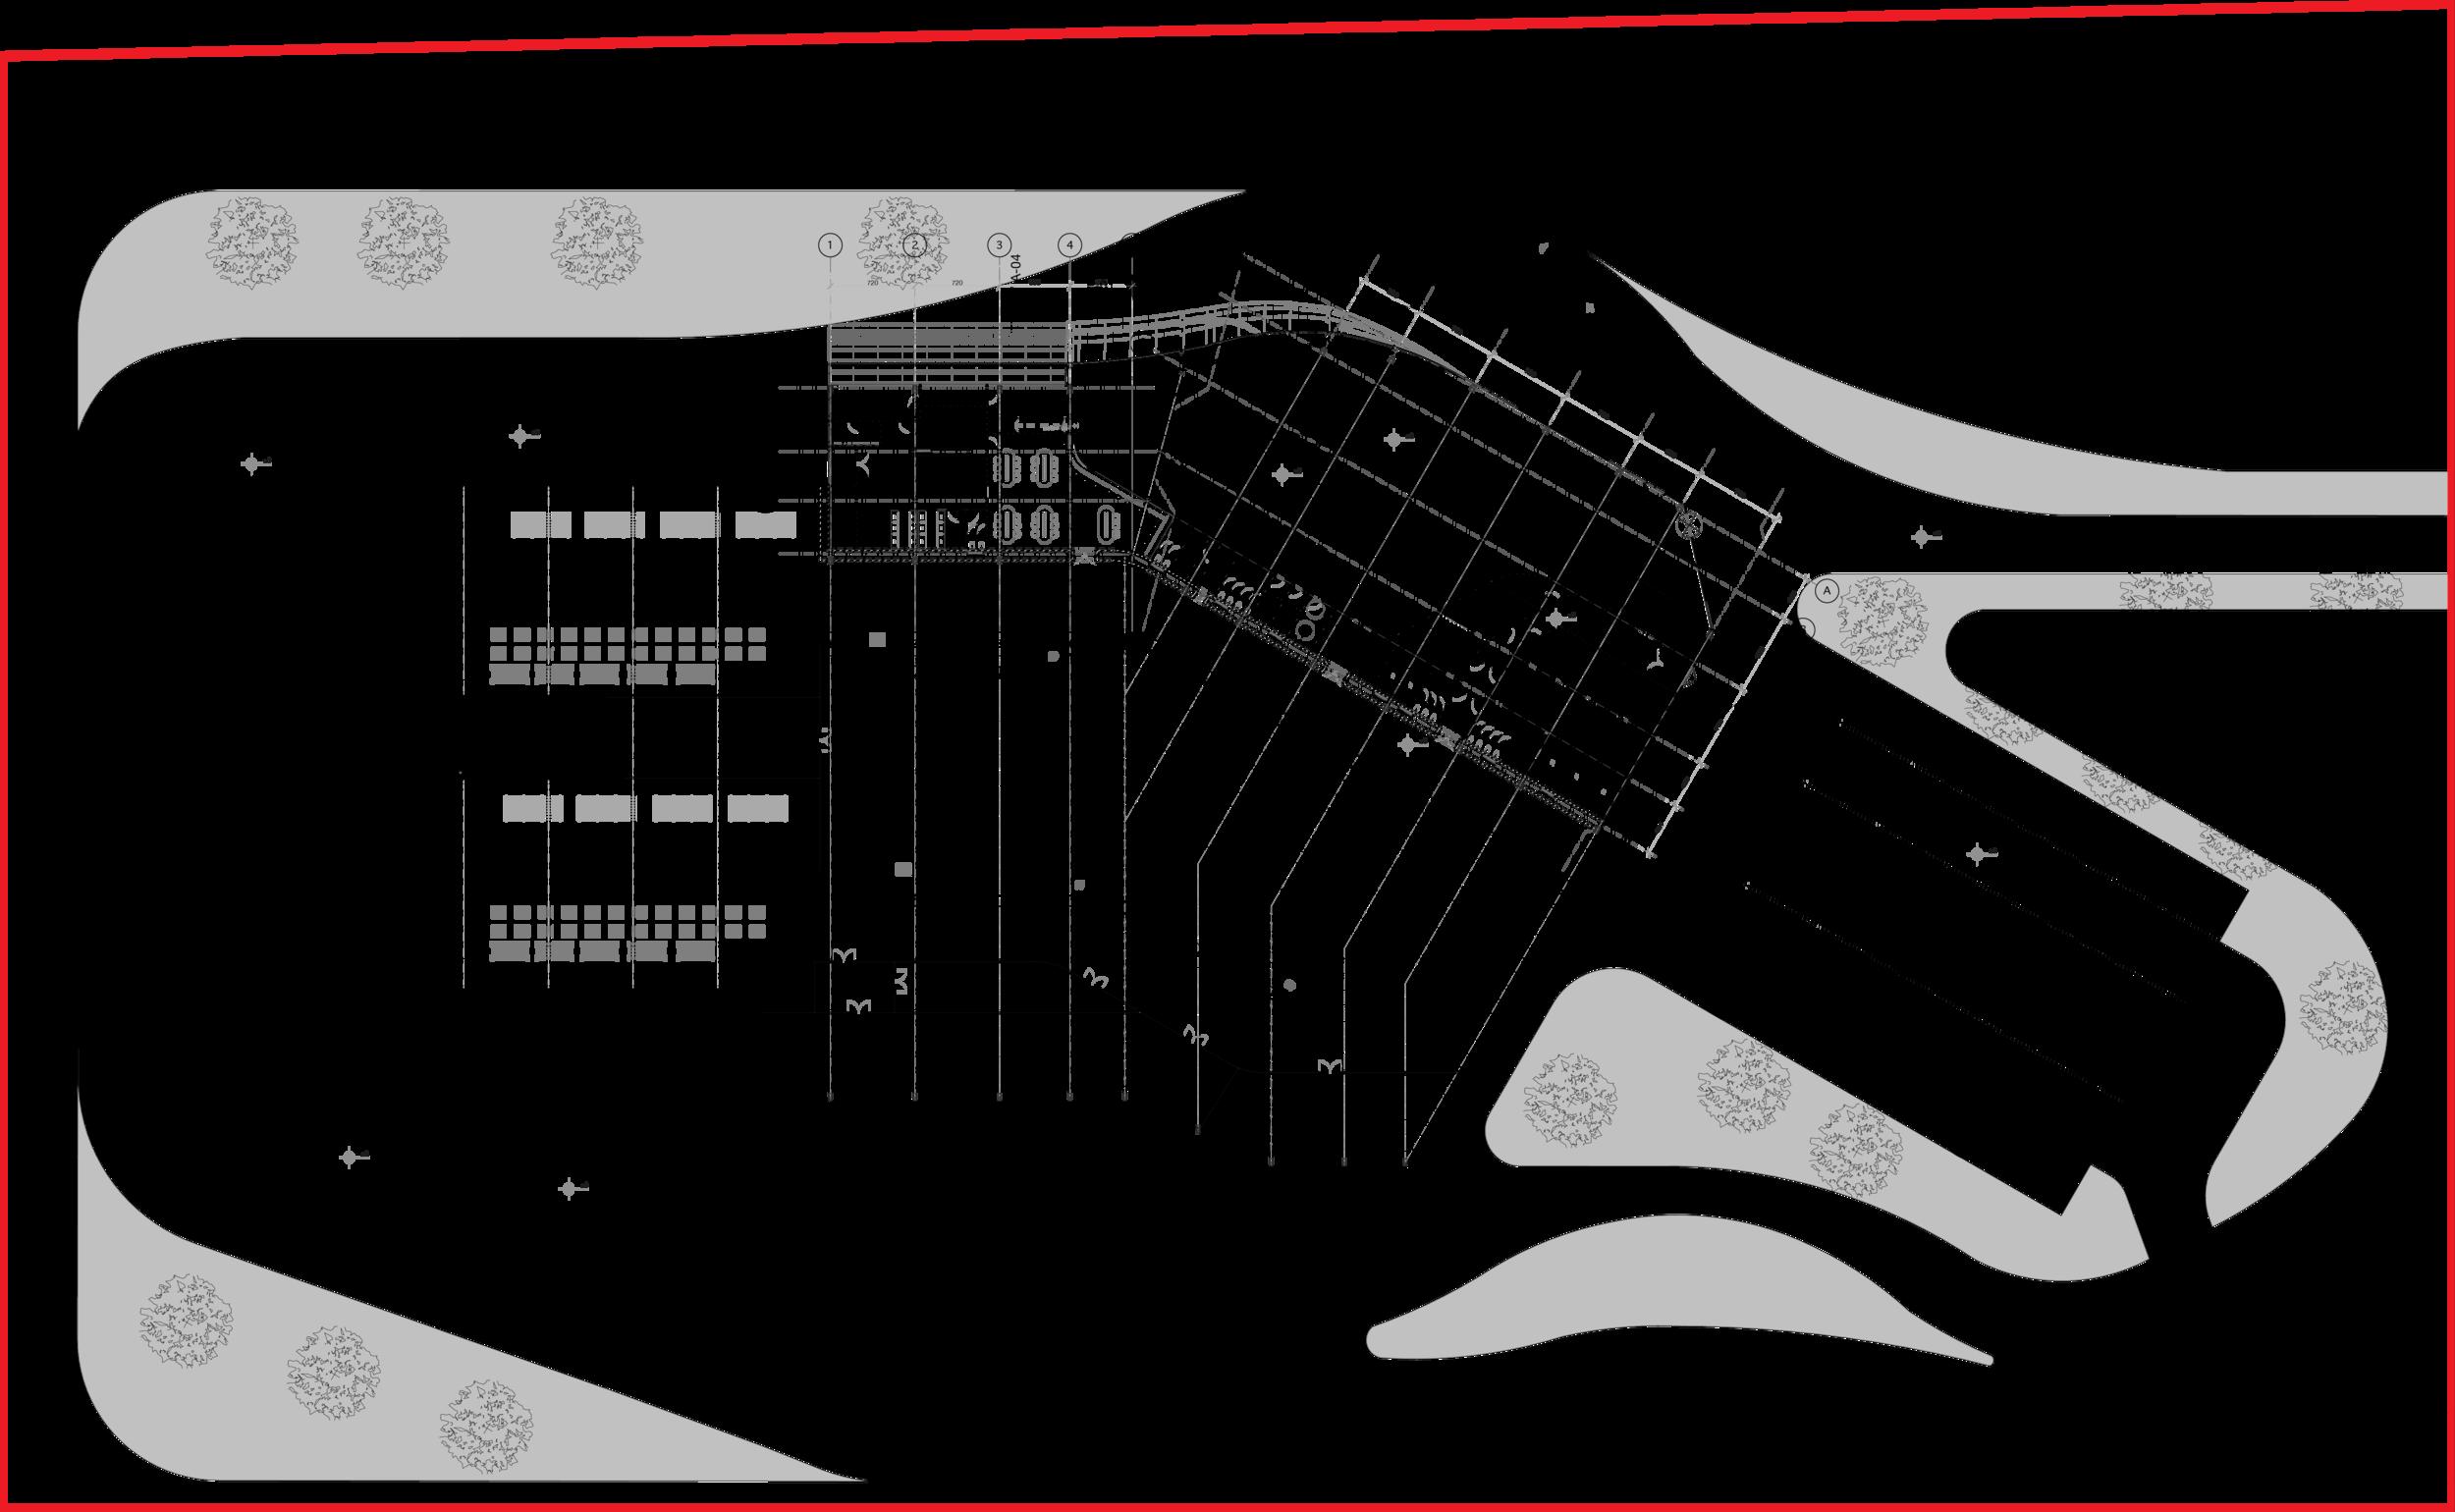 Ground Floor - Overview